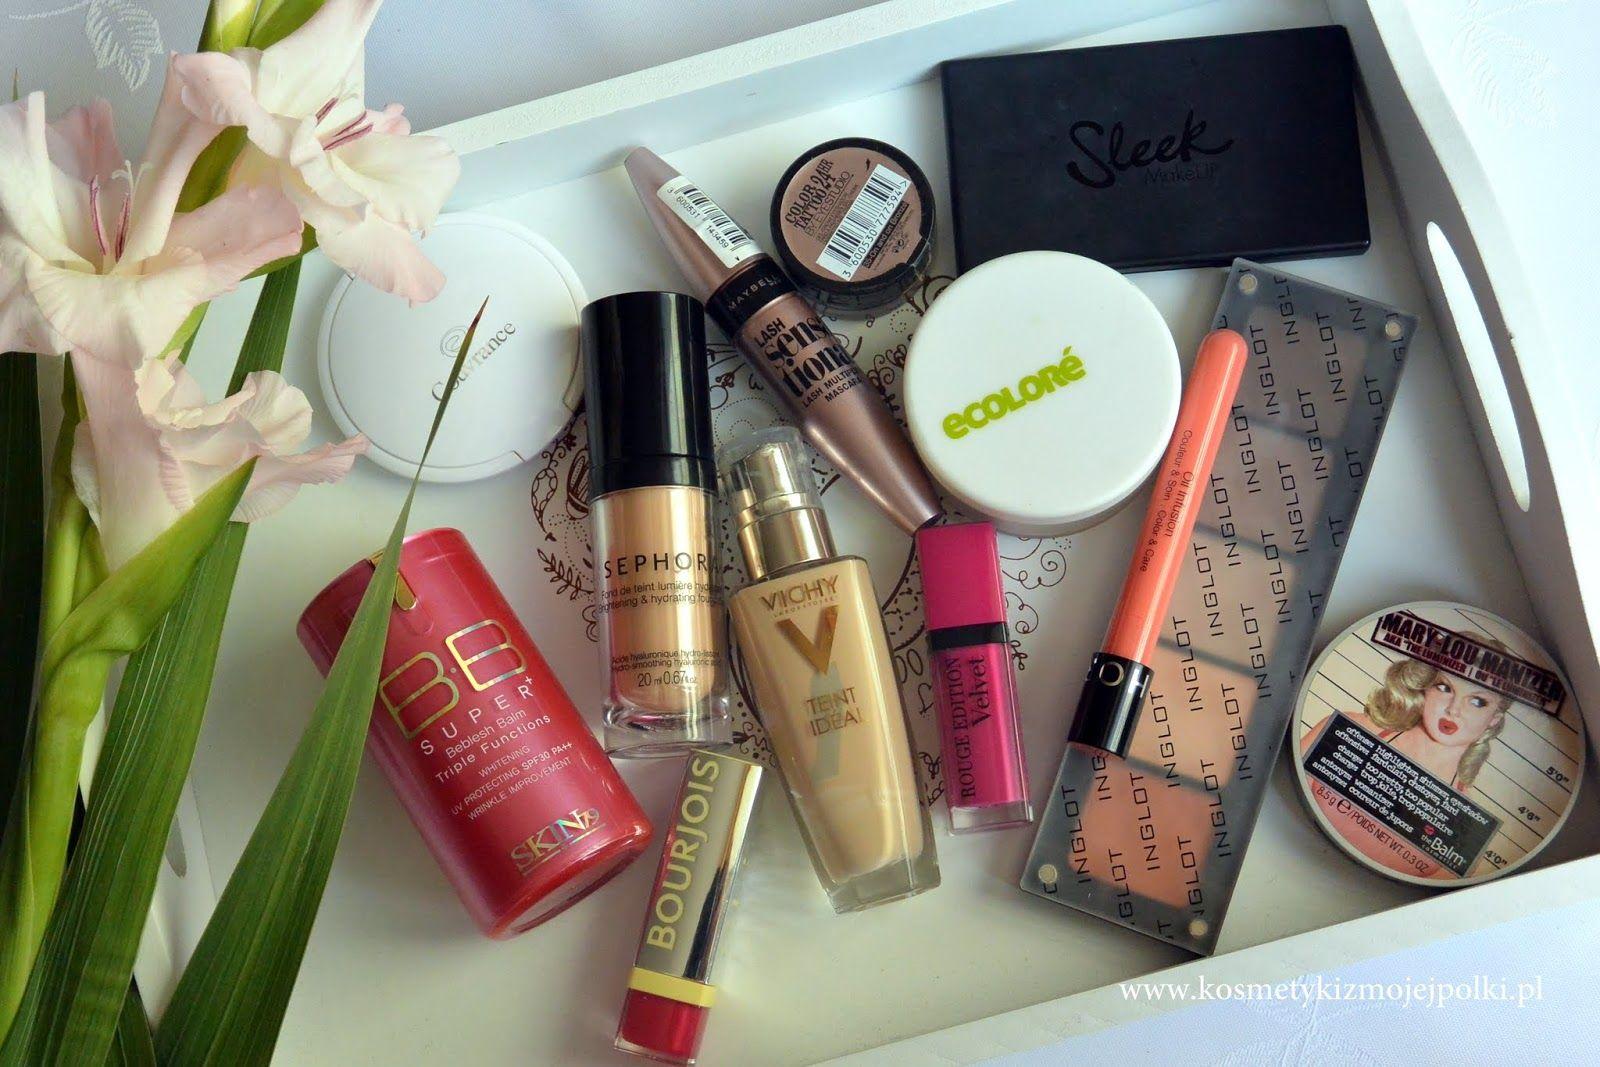 KOSMETYKI Z MOJEJ PÓŁKI: Ulubieńcy ostatnich miesięcy - makijaż | wrzesień 2015